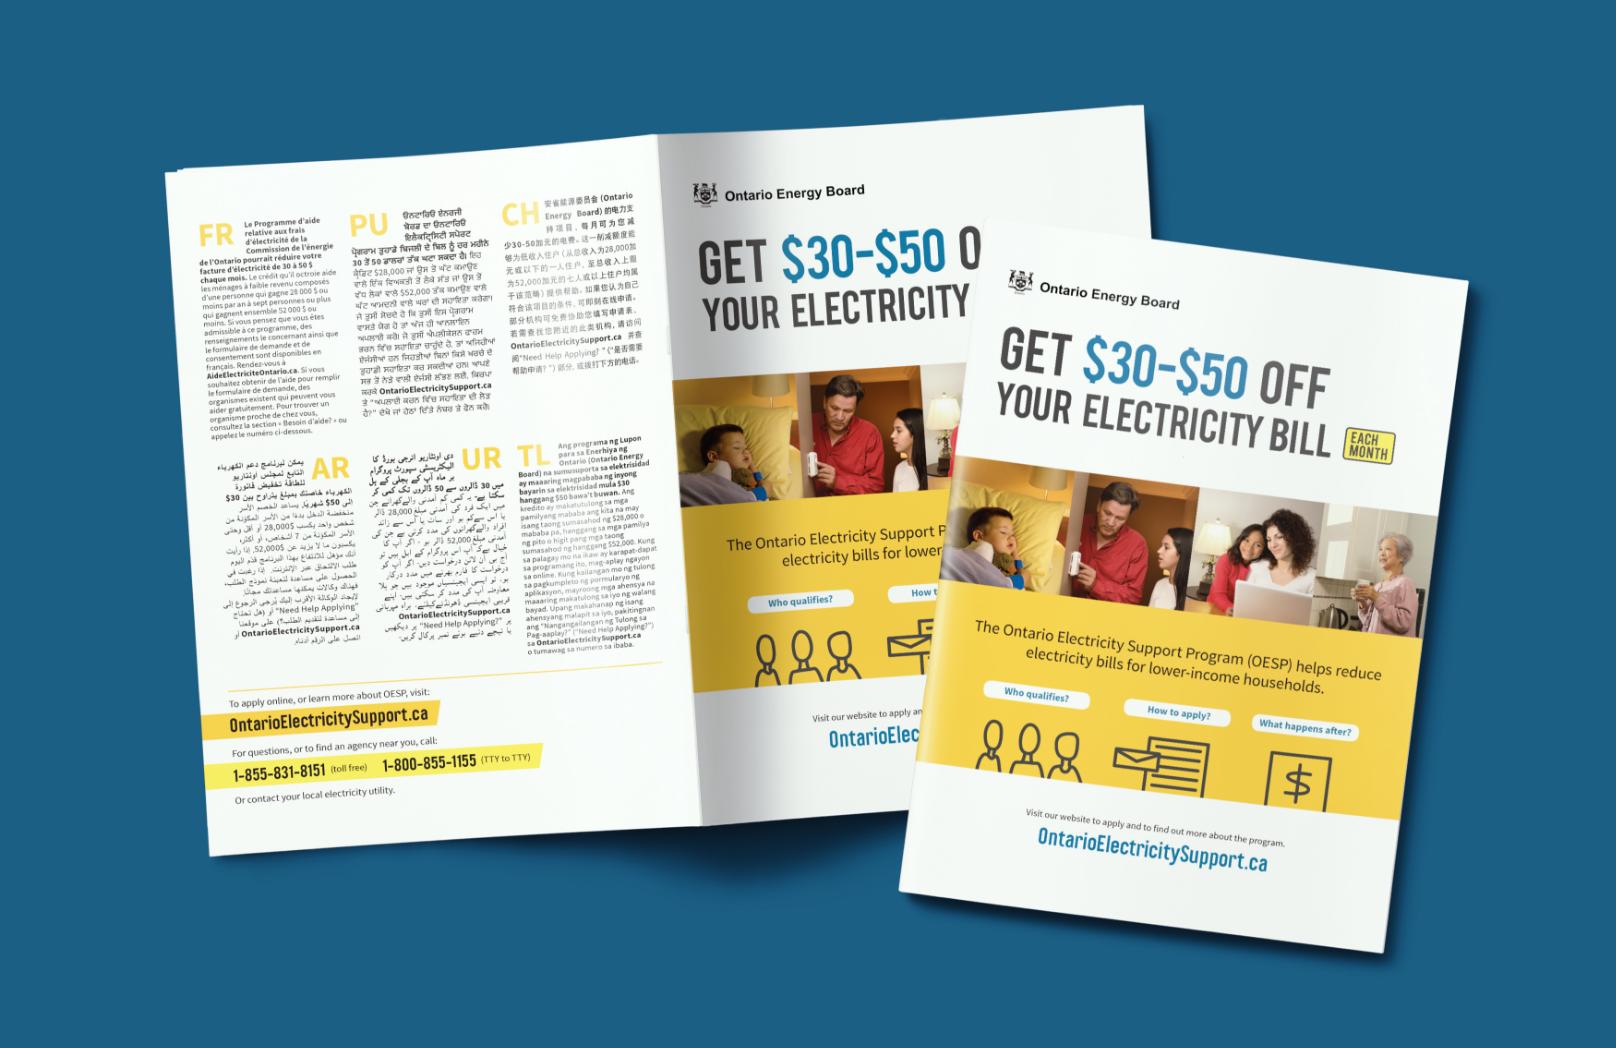 OEB-photo-boy-cropOntario Electricity Board - OESP program - Brochure Design